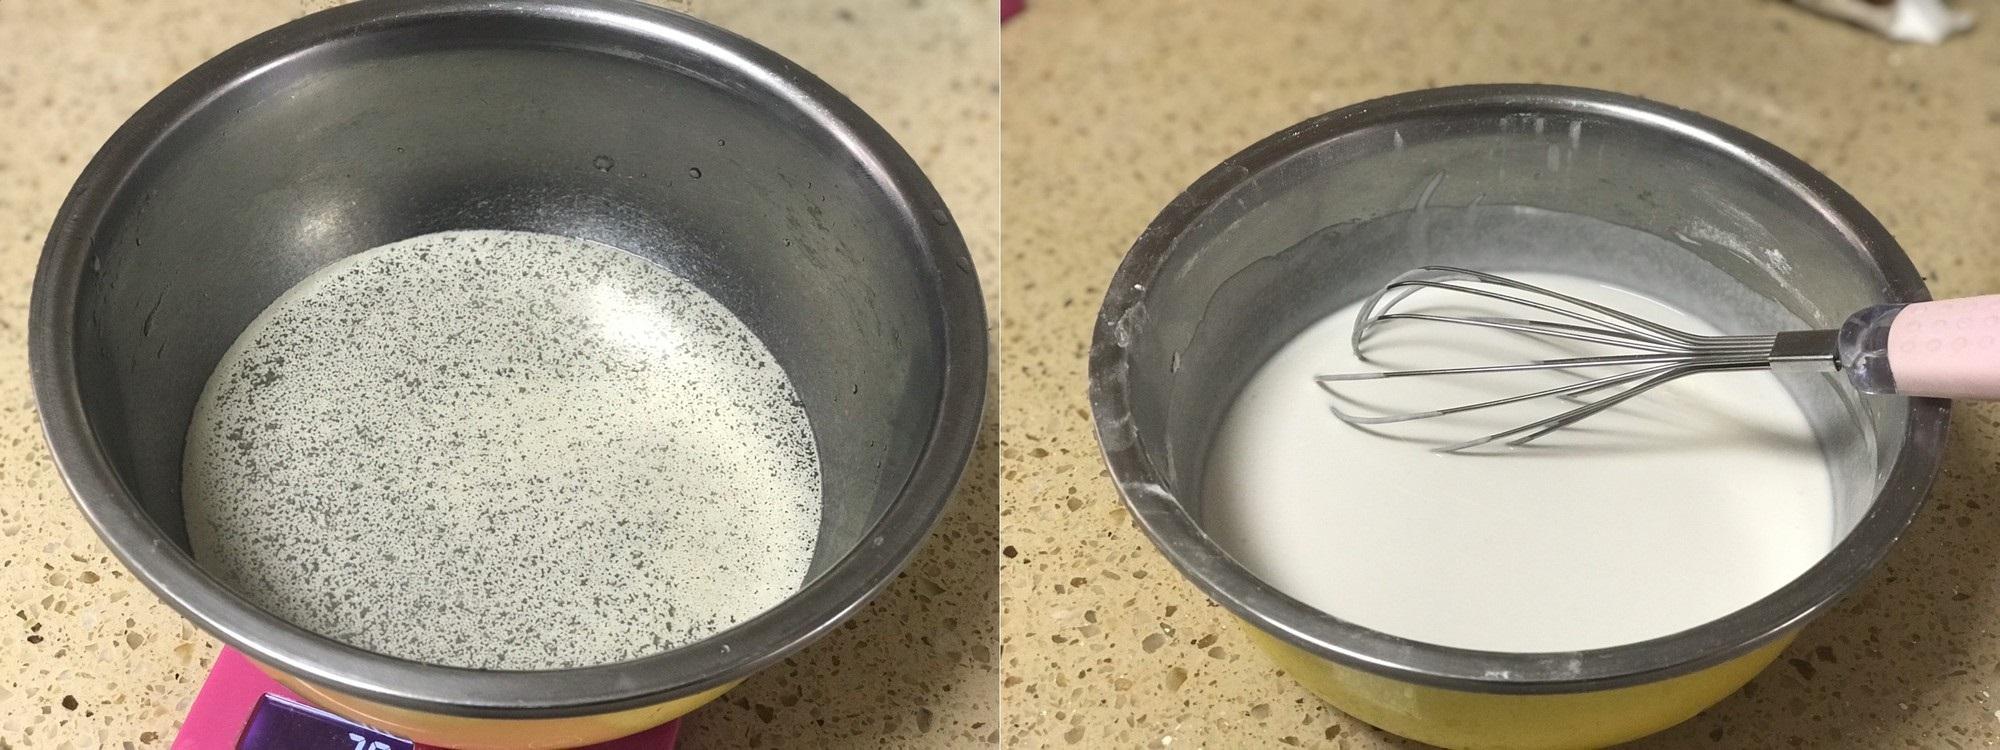 Có món bánh gạo hấp mềm ngon đến ngỡ ngàng, bạn thử mà không mê mới lạ! - Ảnh 1